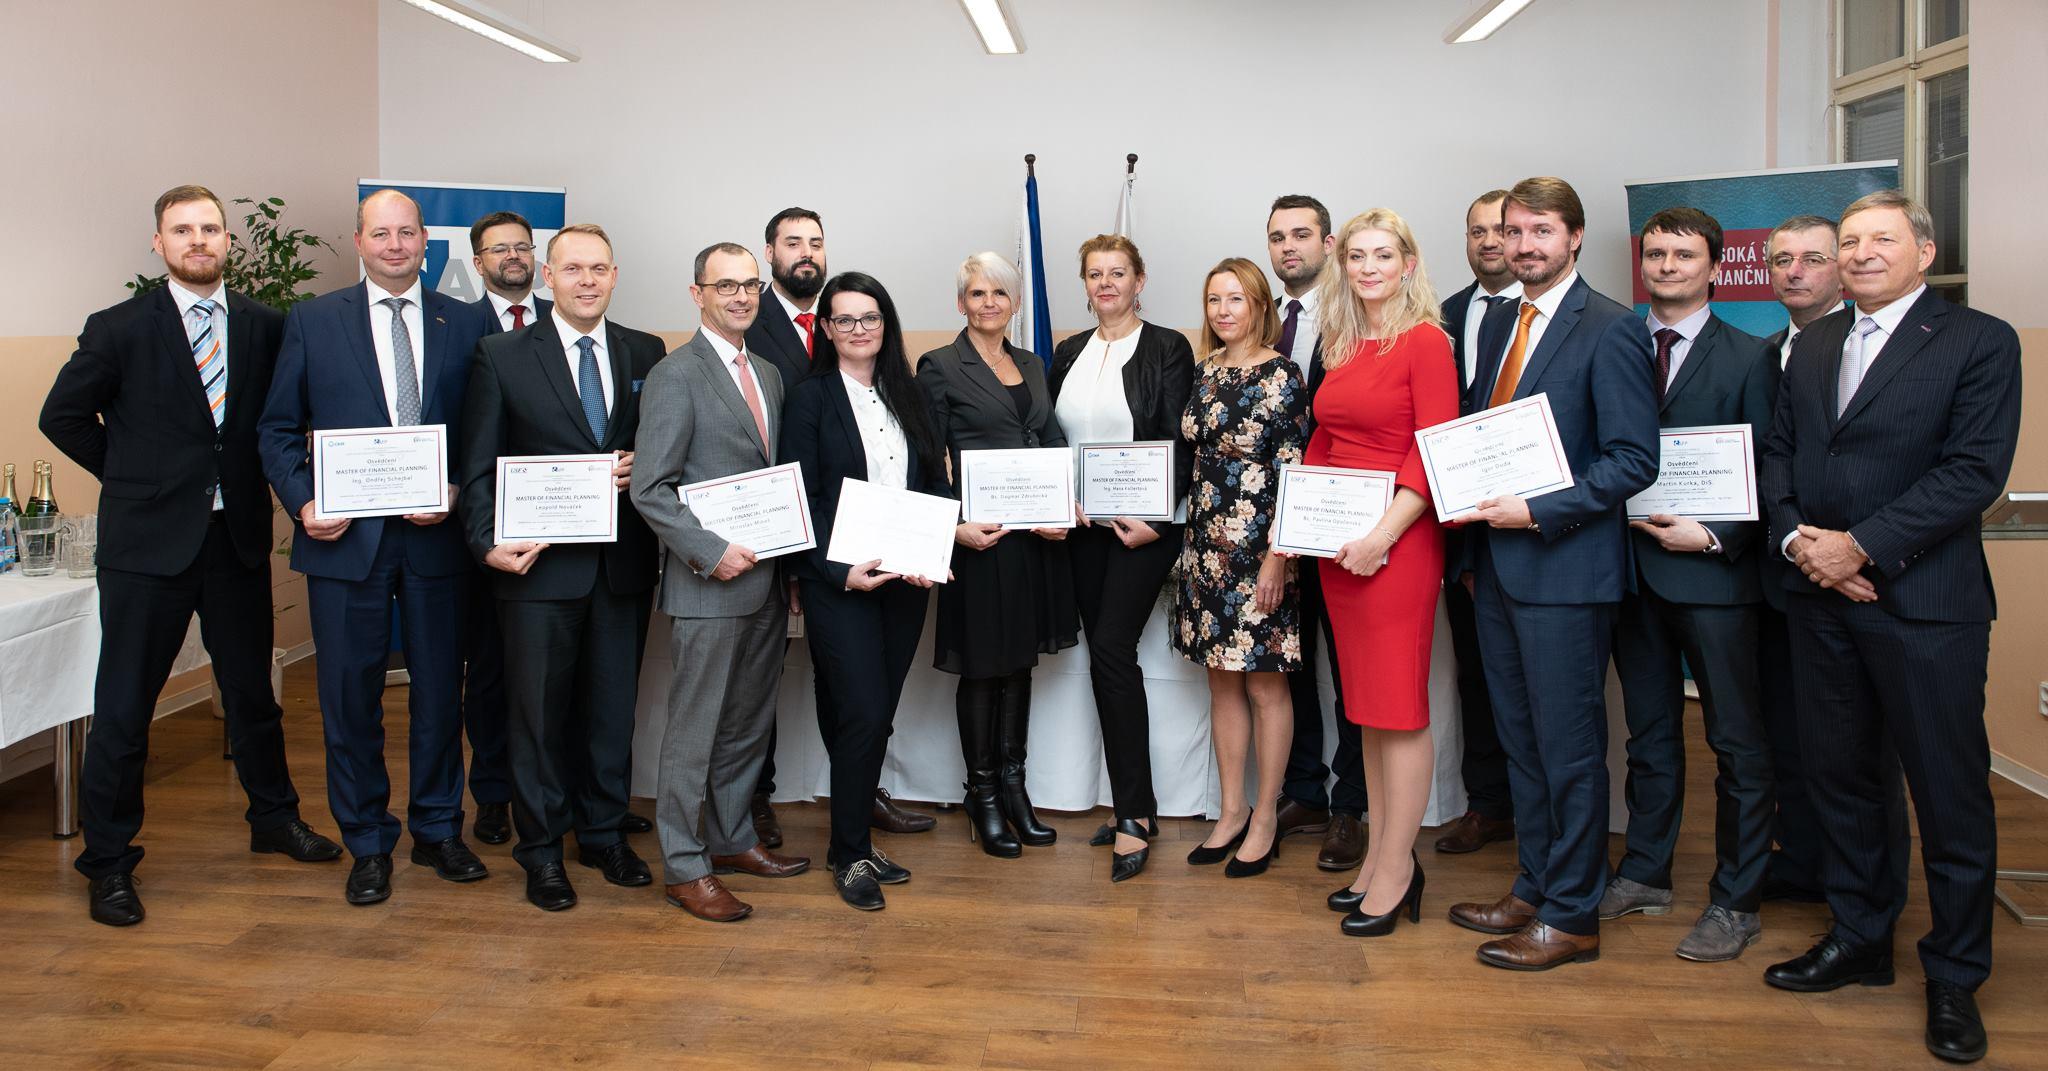 Slavnostní předání certifikátů prvním masterům finančního plánování